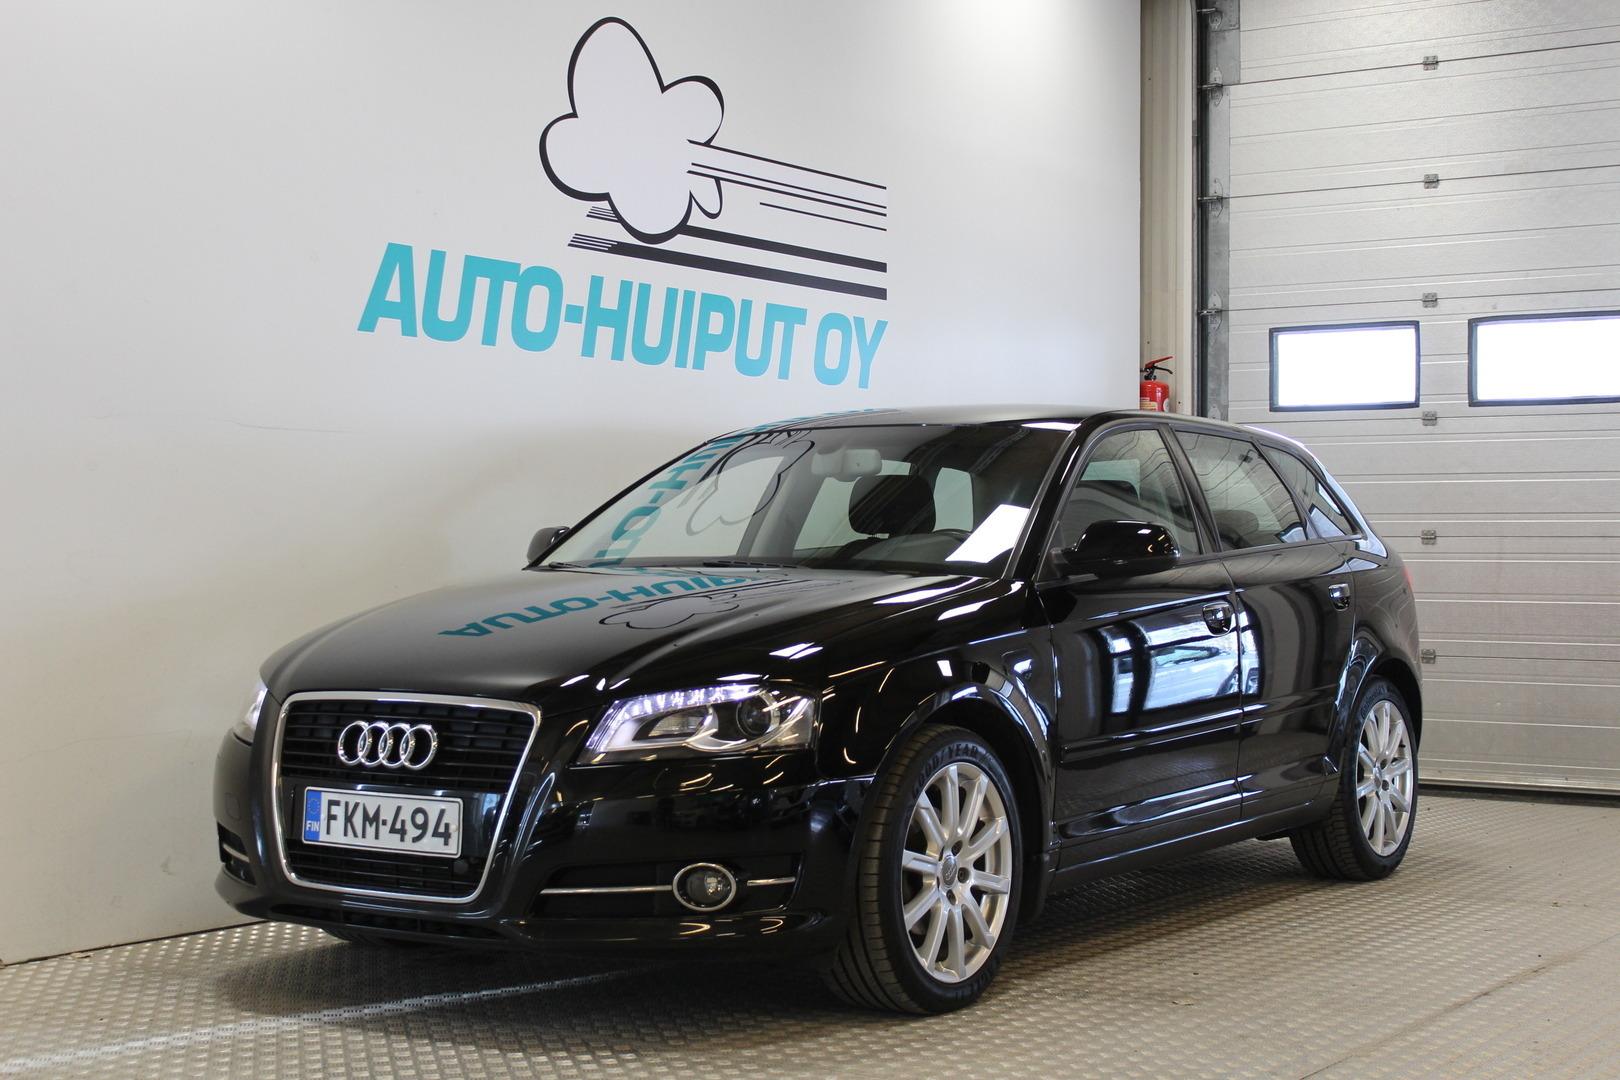 Audi A3, 1,6 TDI 77kw S-tronic Sline Business **Juuri tullut** #Suomi-auto #Siistikuntoinen #Xenonit